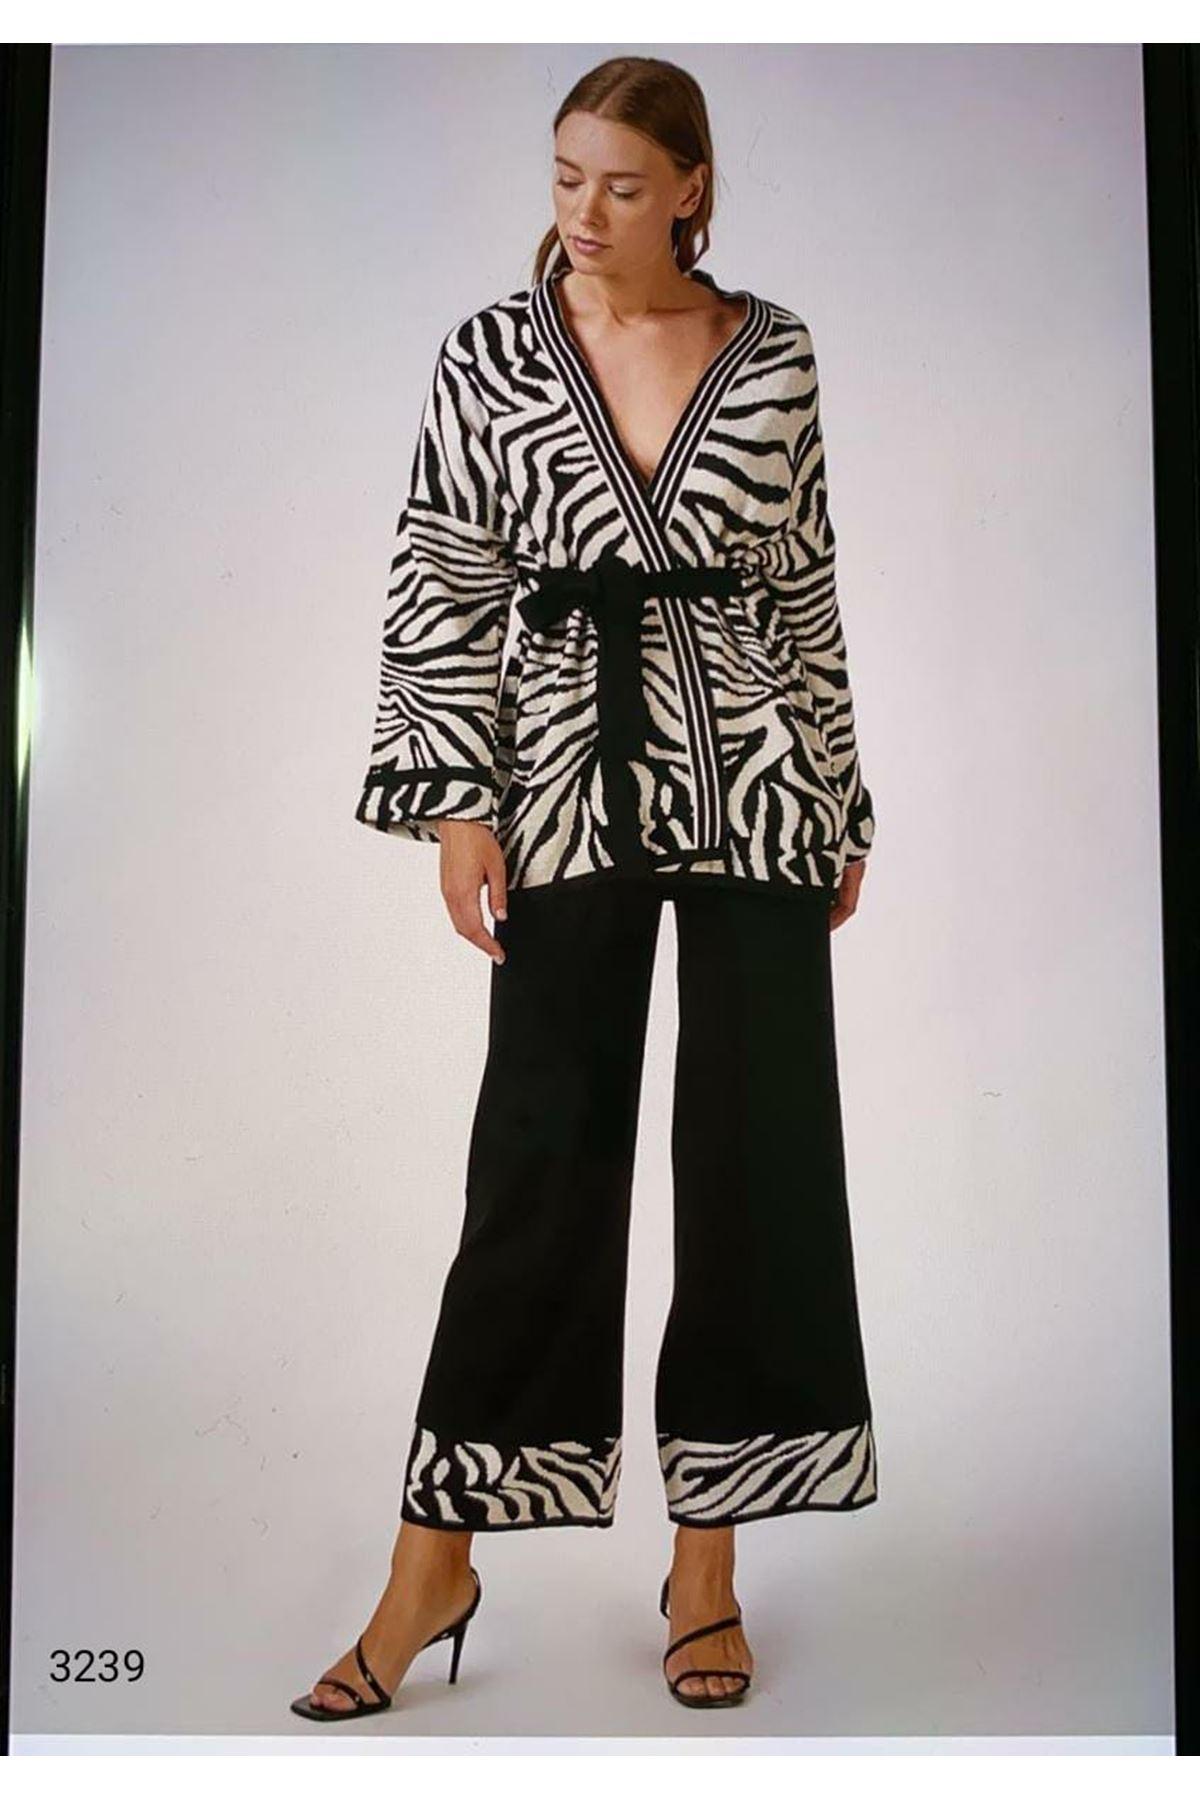 Zebra Desen Takım - ZEBRA